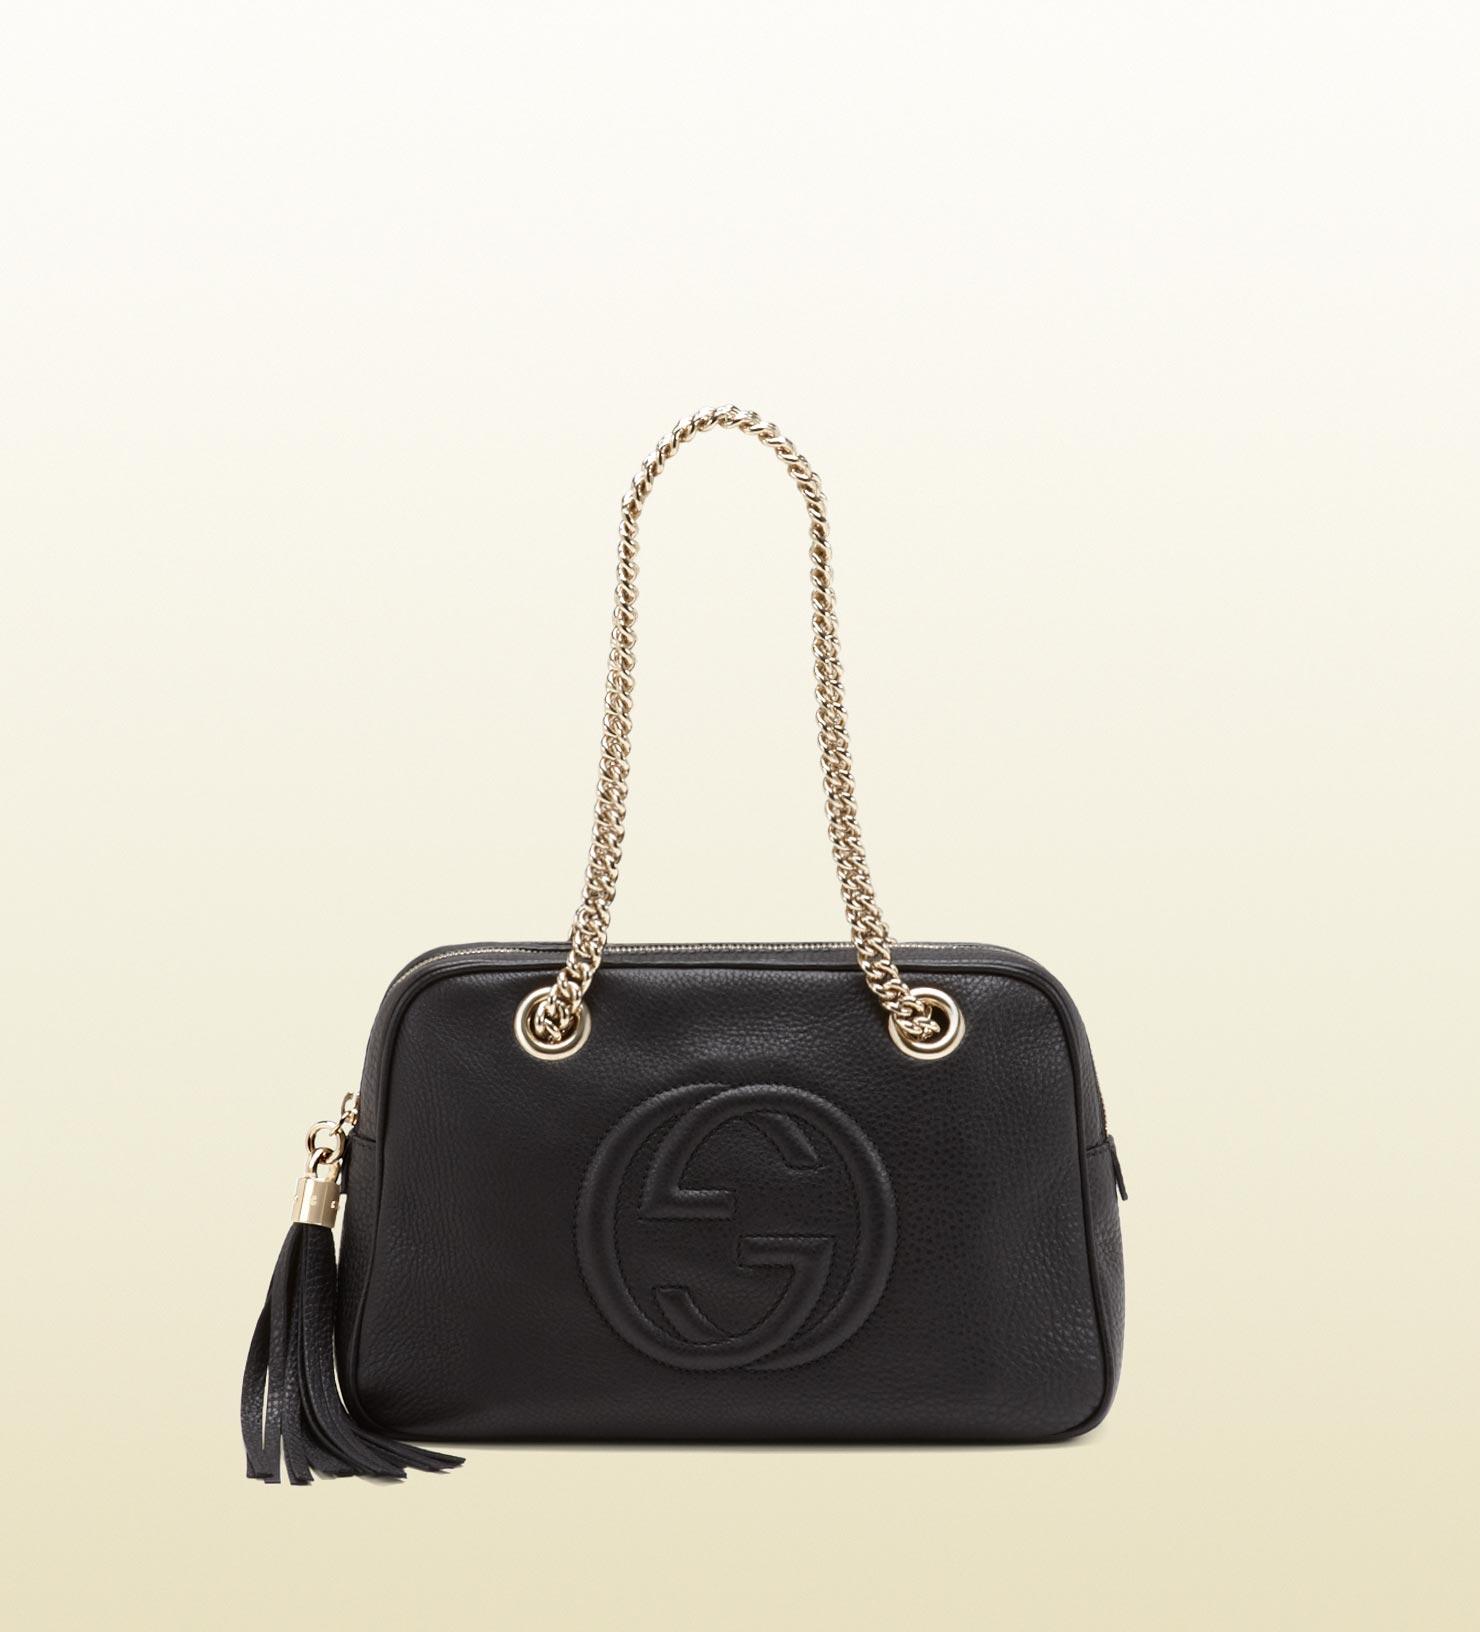 8babaf9ac555 Lyst - Gucci Soho Leather Shoulder Bag in Black